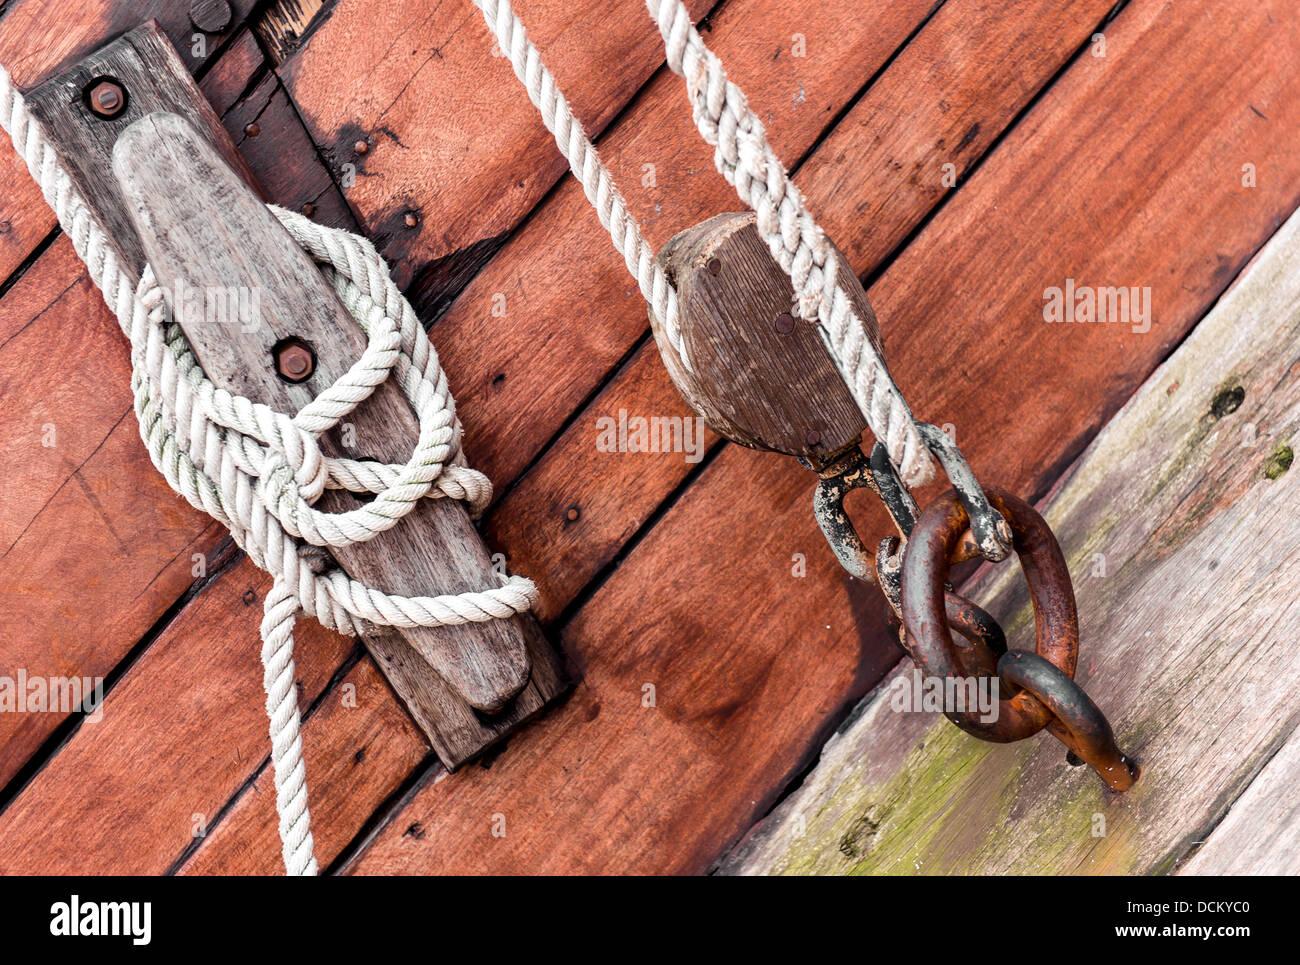 Ship tackles - Stock Image